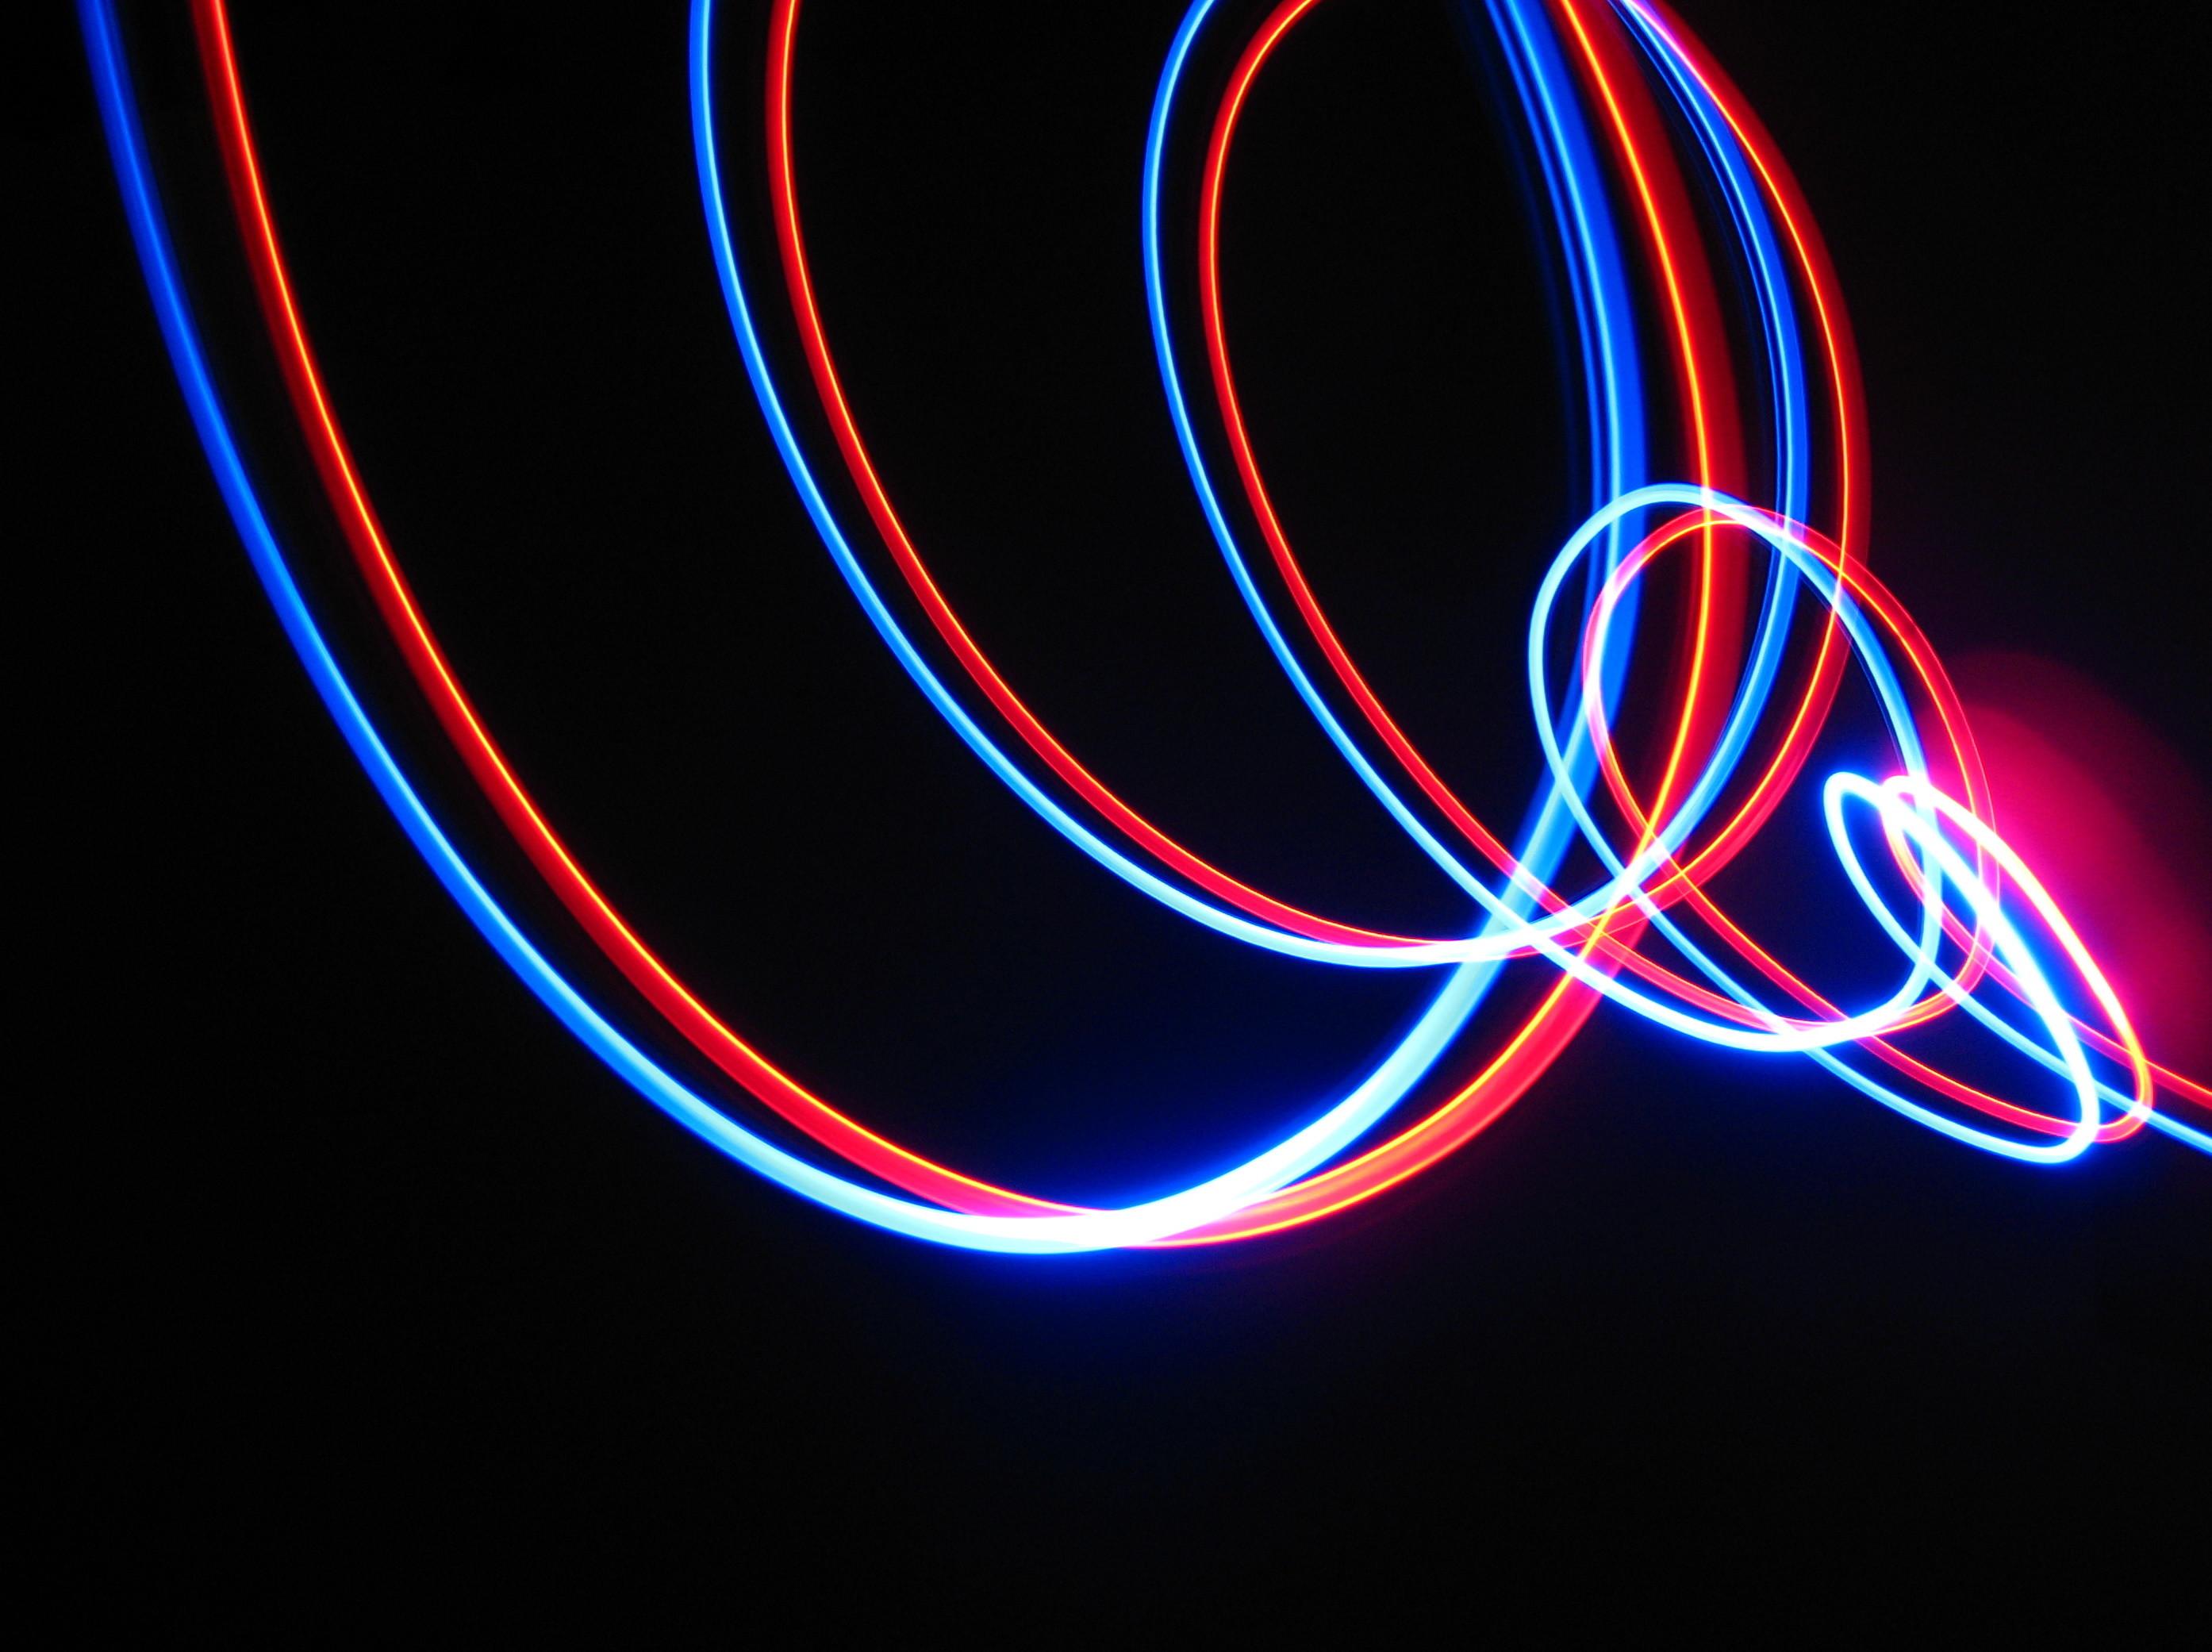 Neon Light Wallpapers